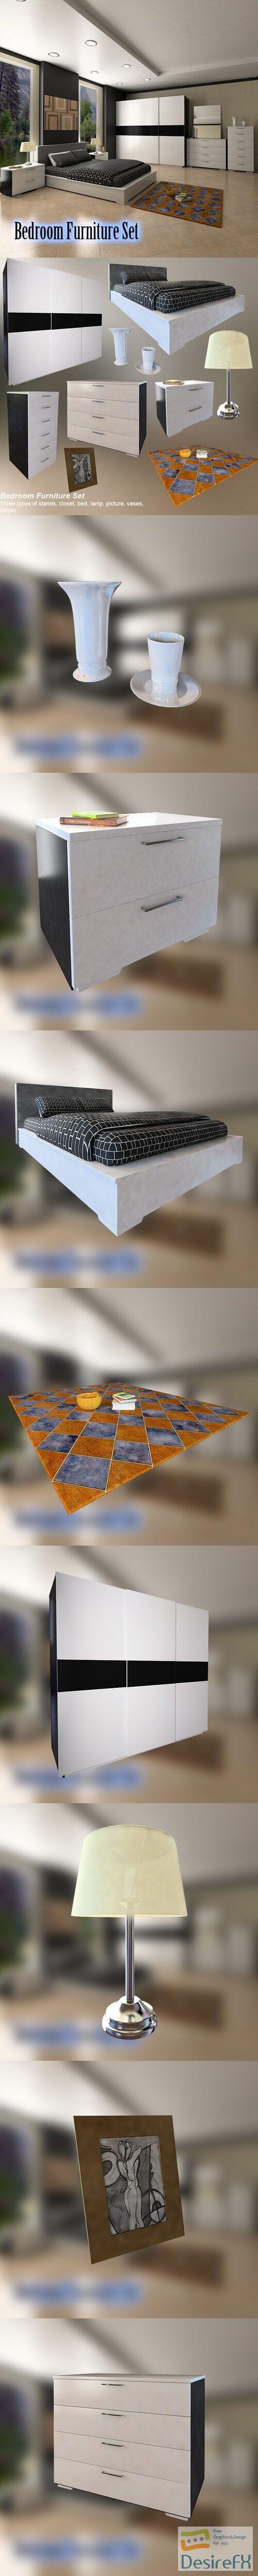 Bedroom Furniture 4 Set 3D Model